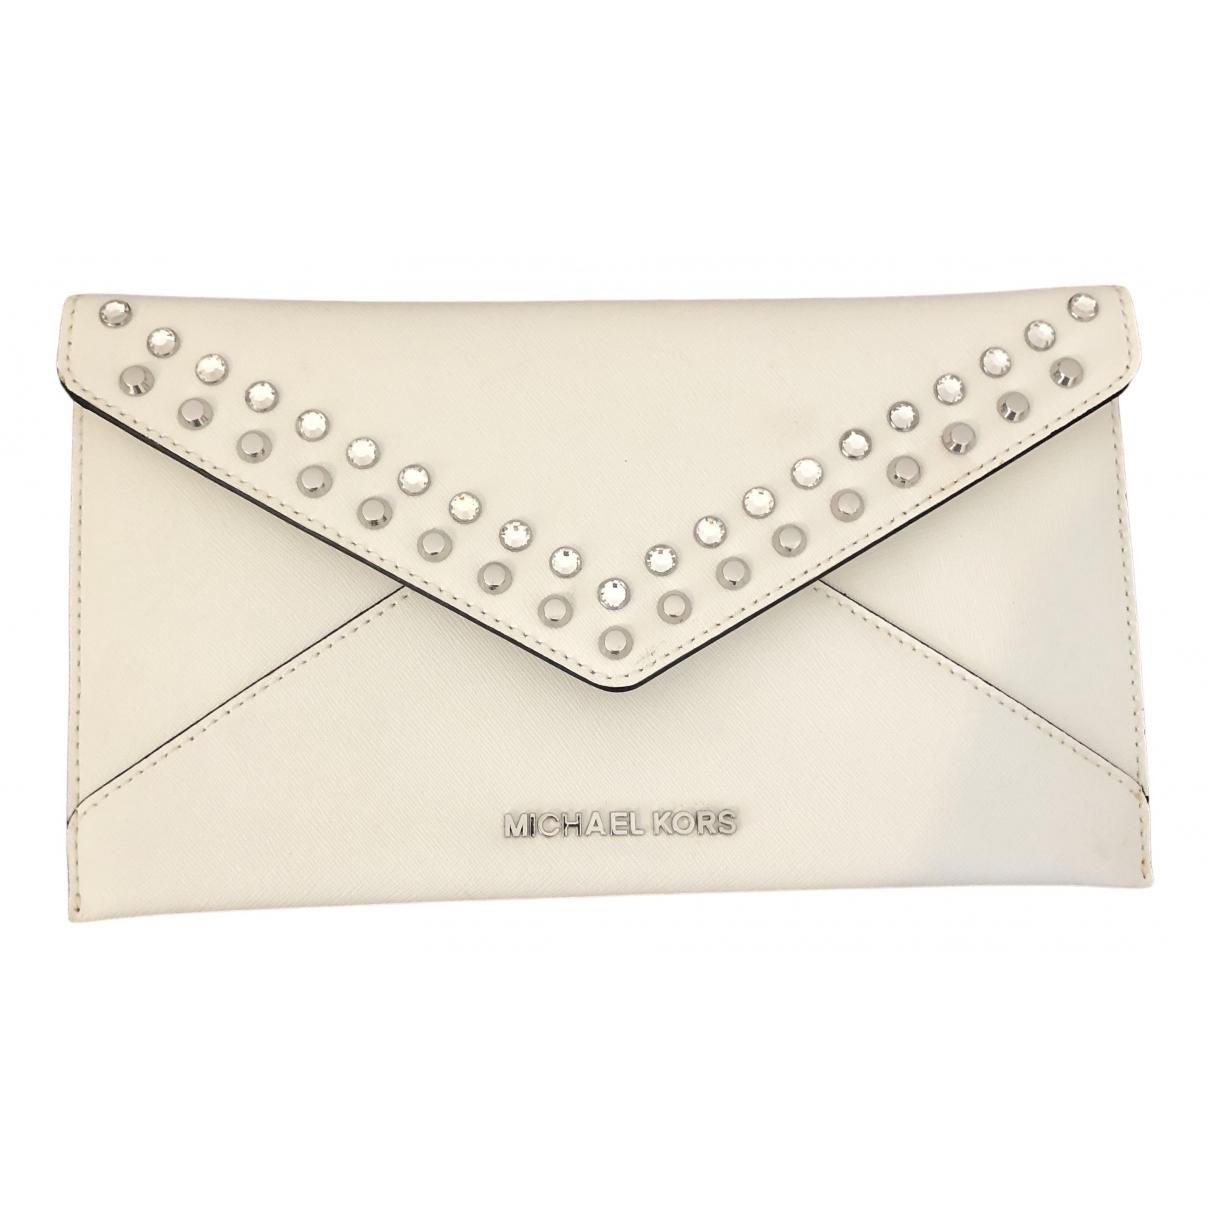 Michael Kors - Pochette Jet Set pour femme en cuir - blanc